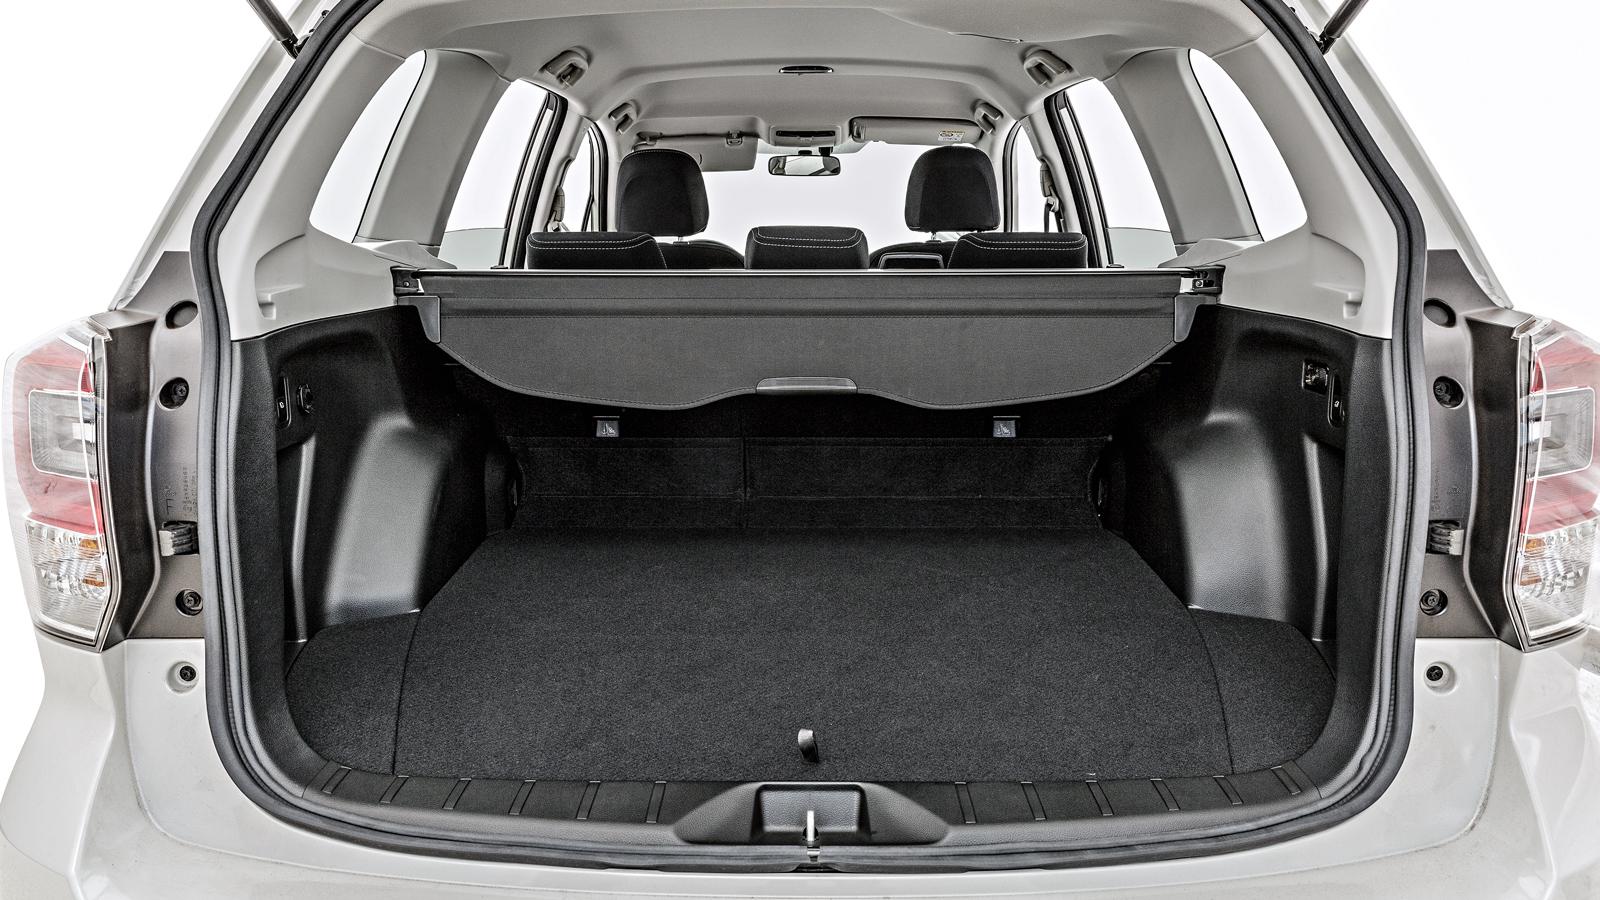 Porta-malas tem capacidade de 505 litros